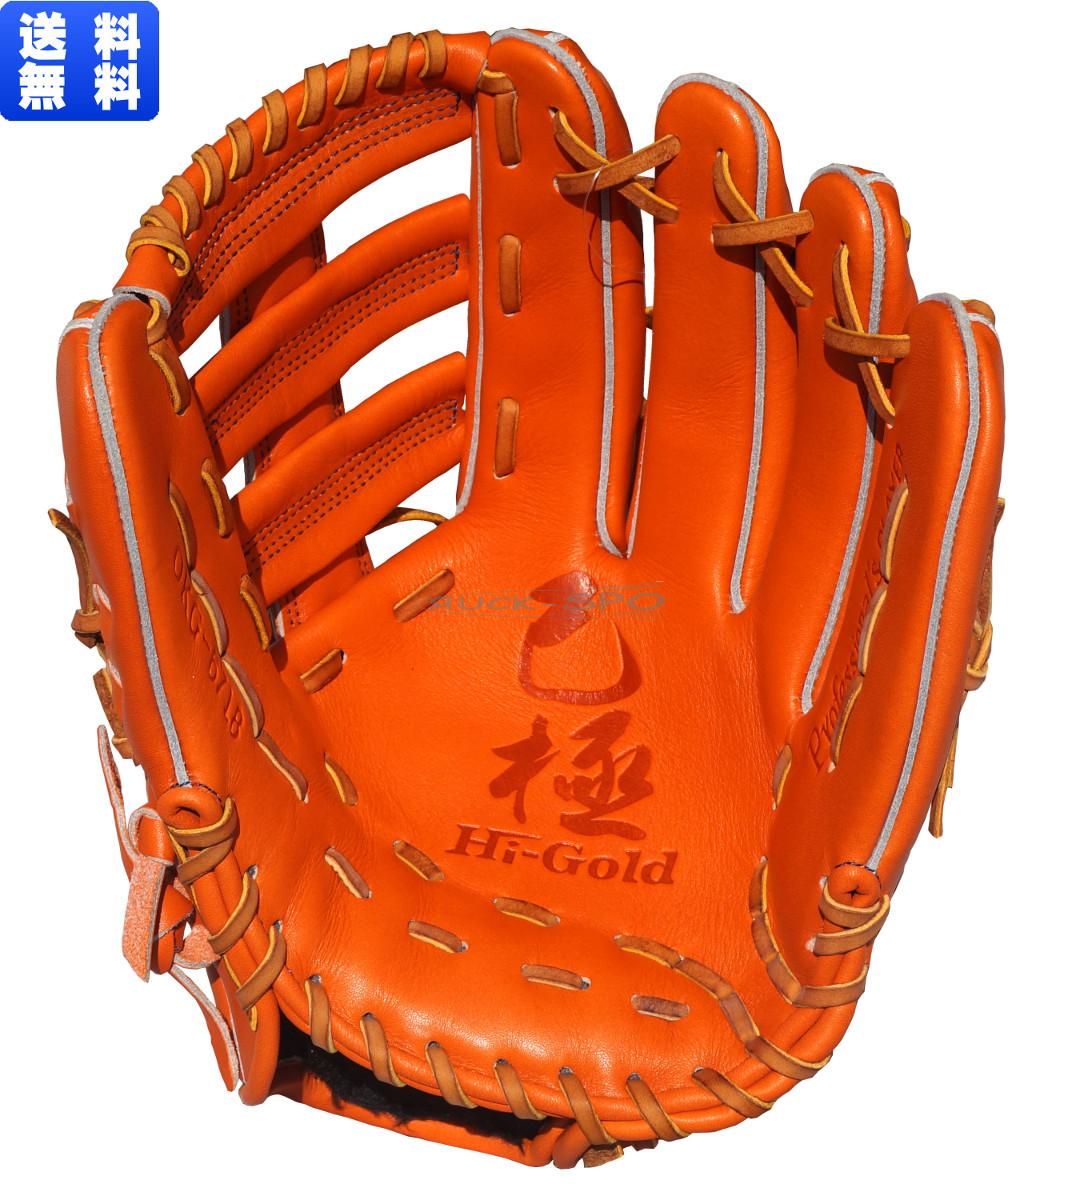 送料無料 2018年モデル ハイゴールド HI-GOLD外野手用 軟式 グラブ グローブ オレンジ 橙 高校 中学 一般 野球 OKG6718